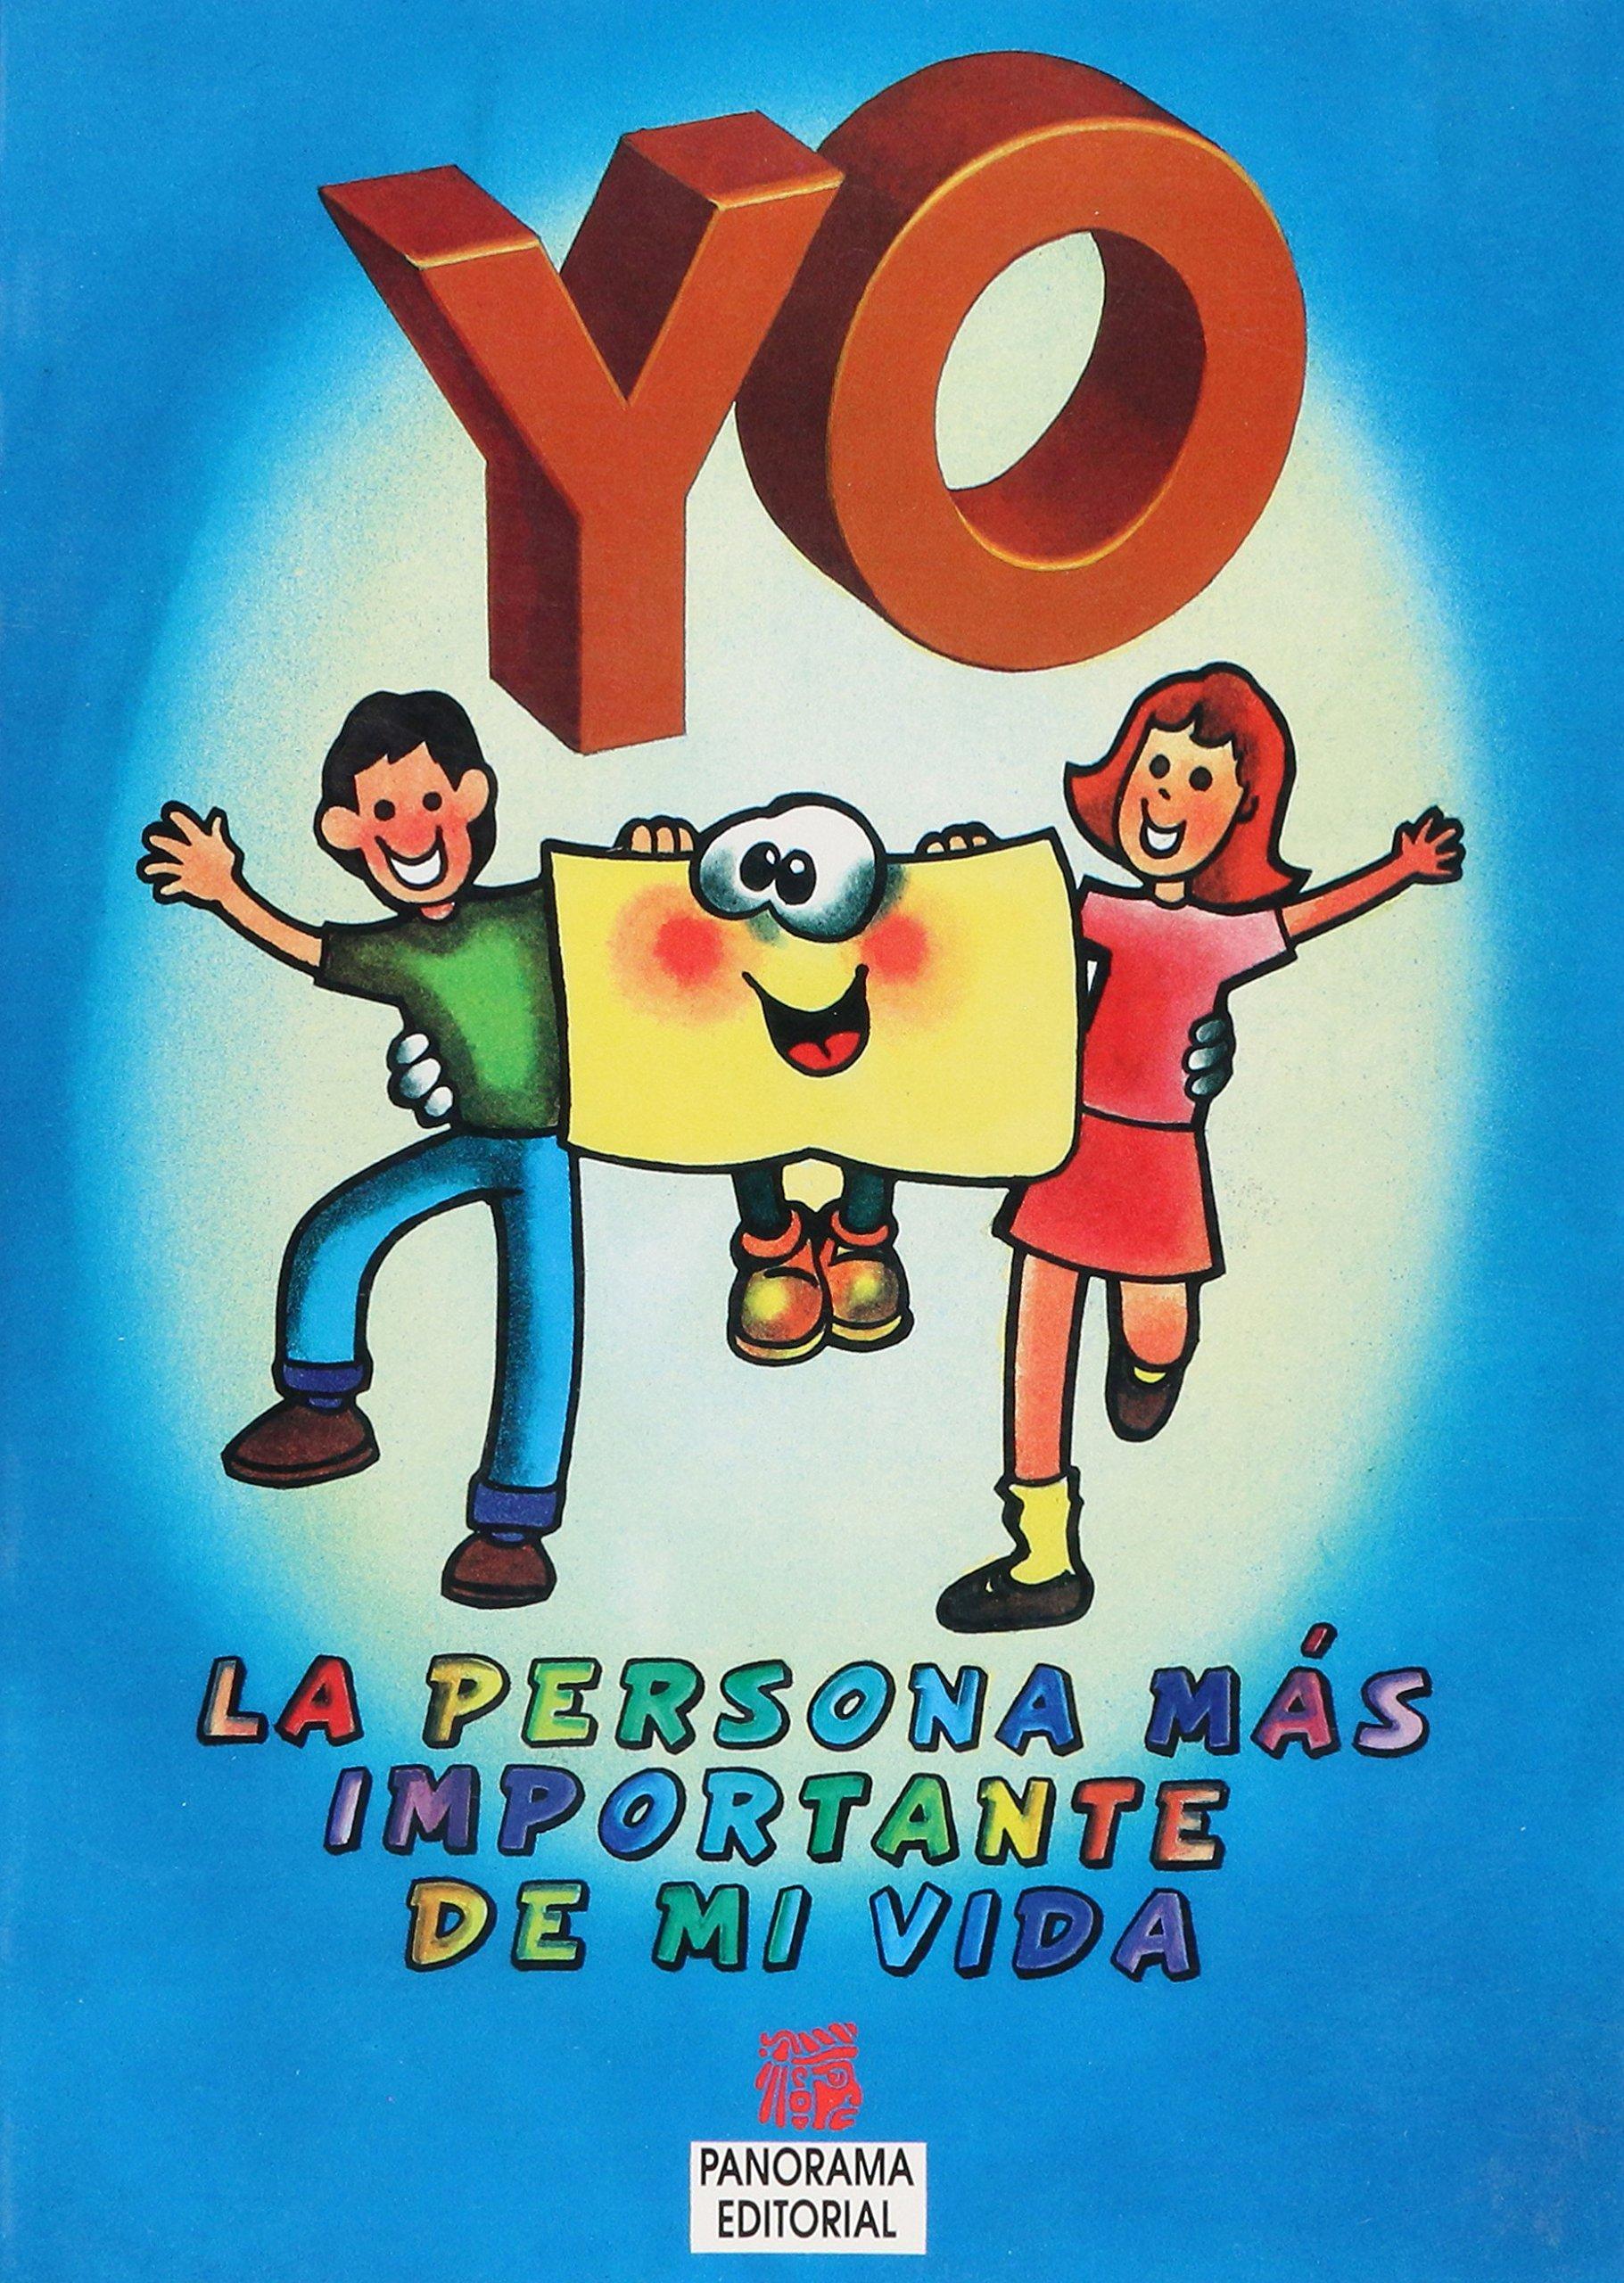 Yo La Persona Mas Importante De Mi Vida (Spanish Edition) ebook